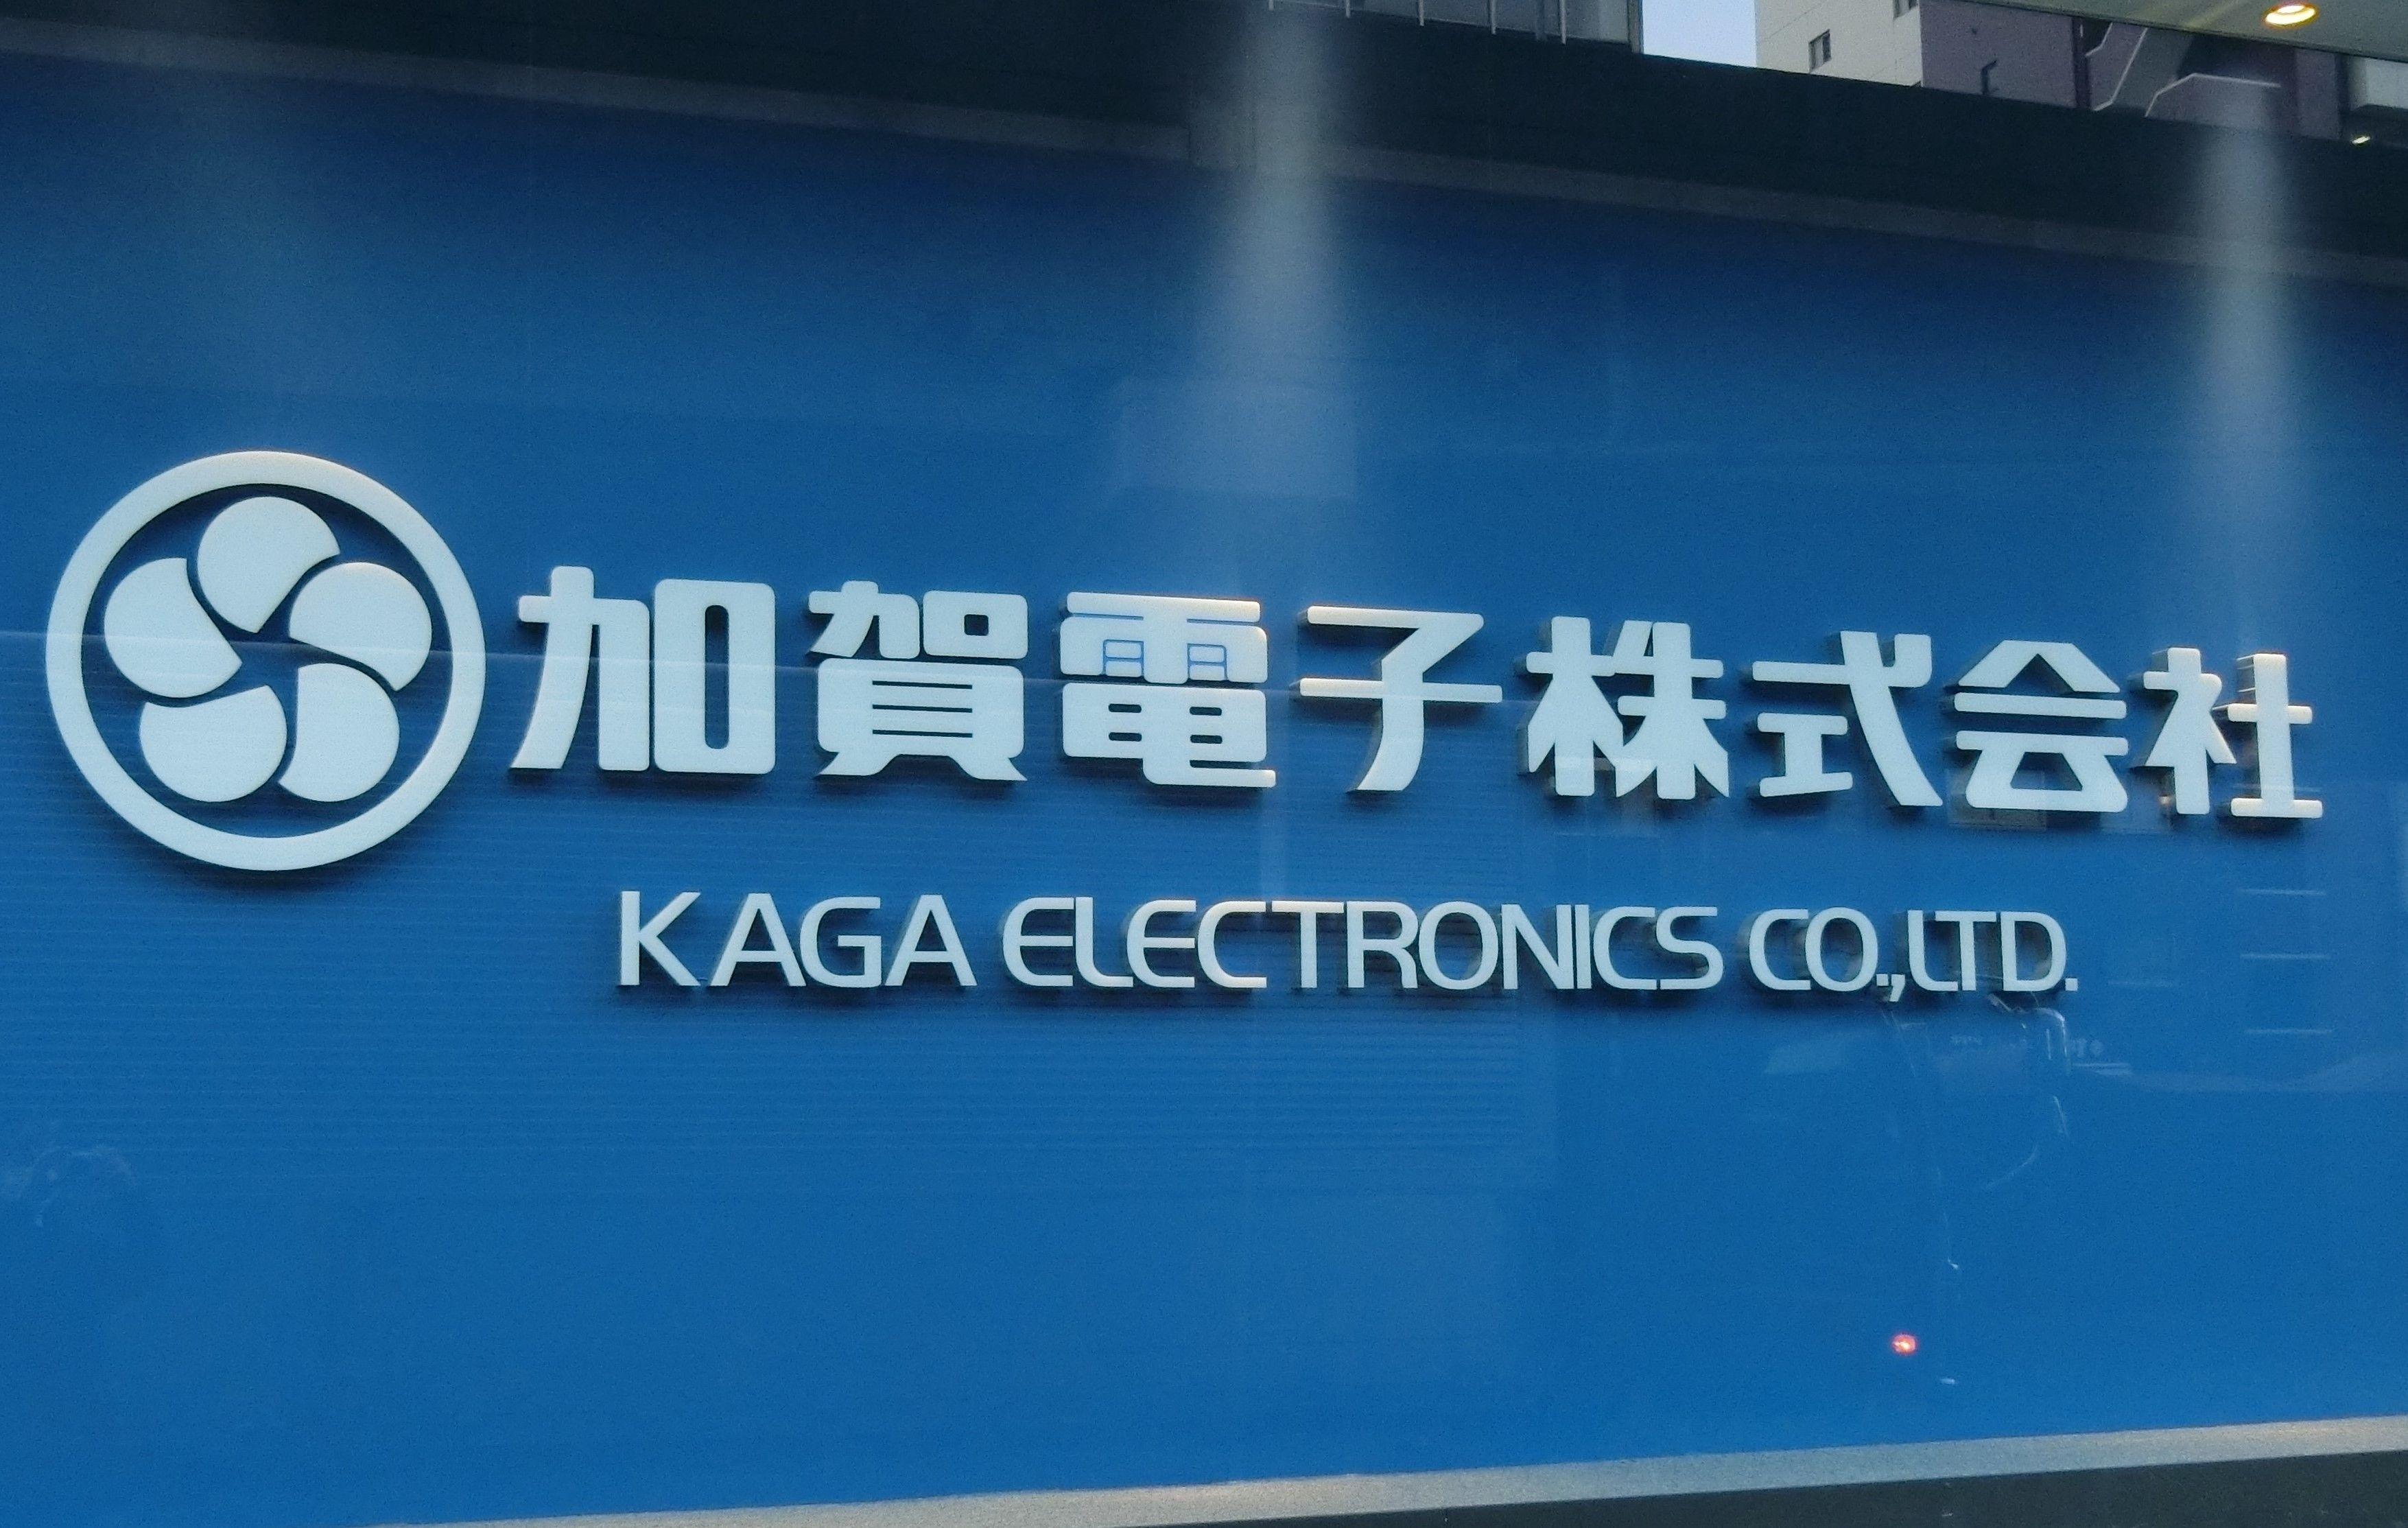 【加賀電子】富士通エレを子会社化 、業界トップへ宿願のM&A